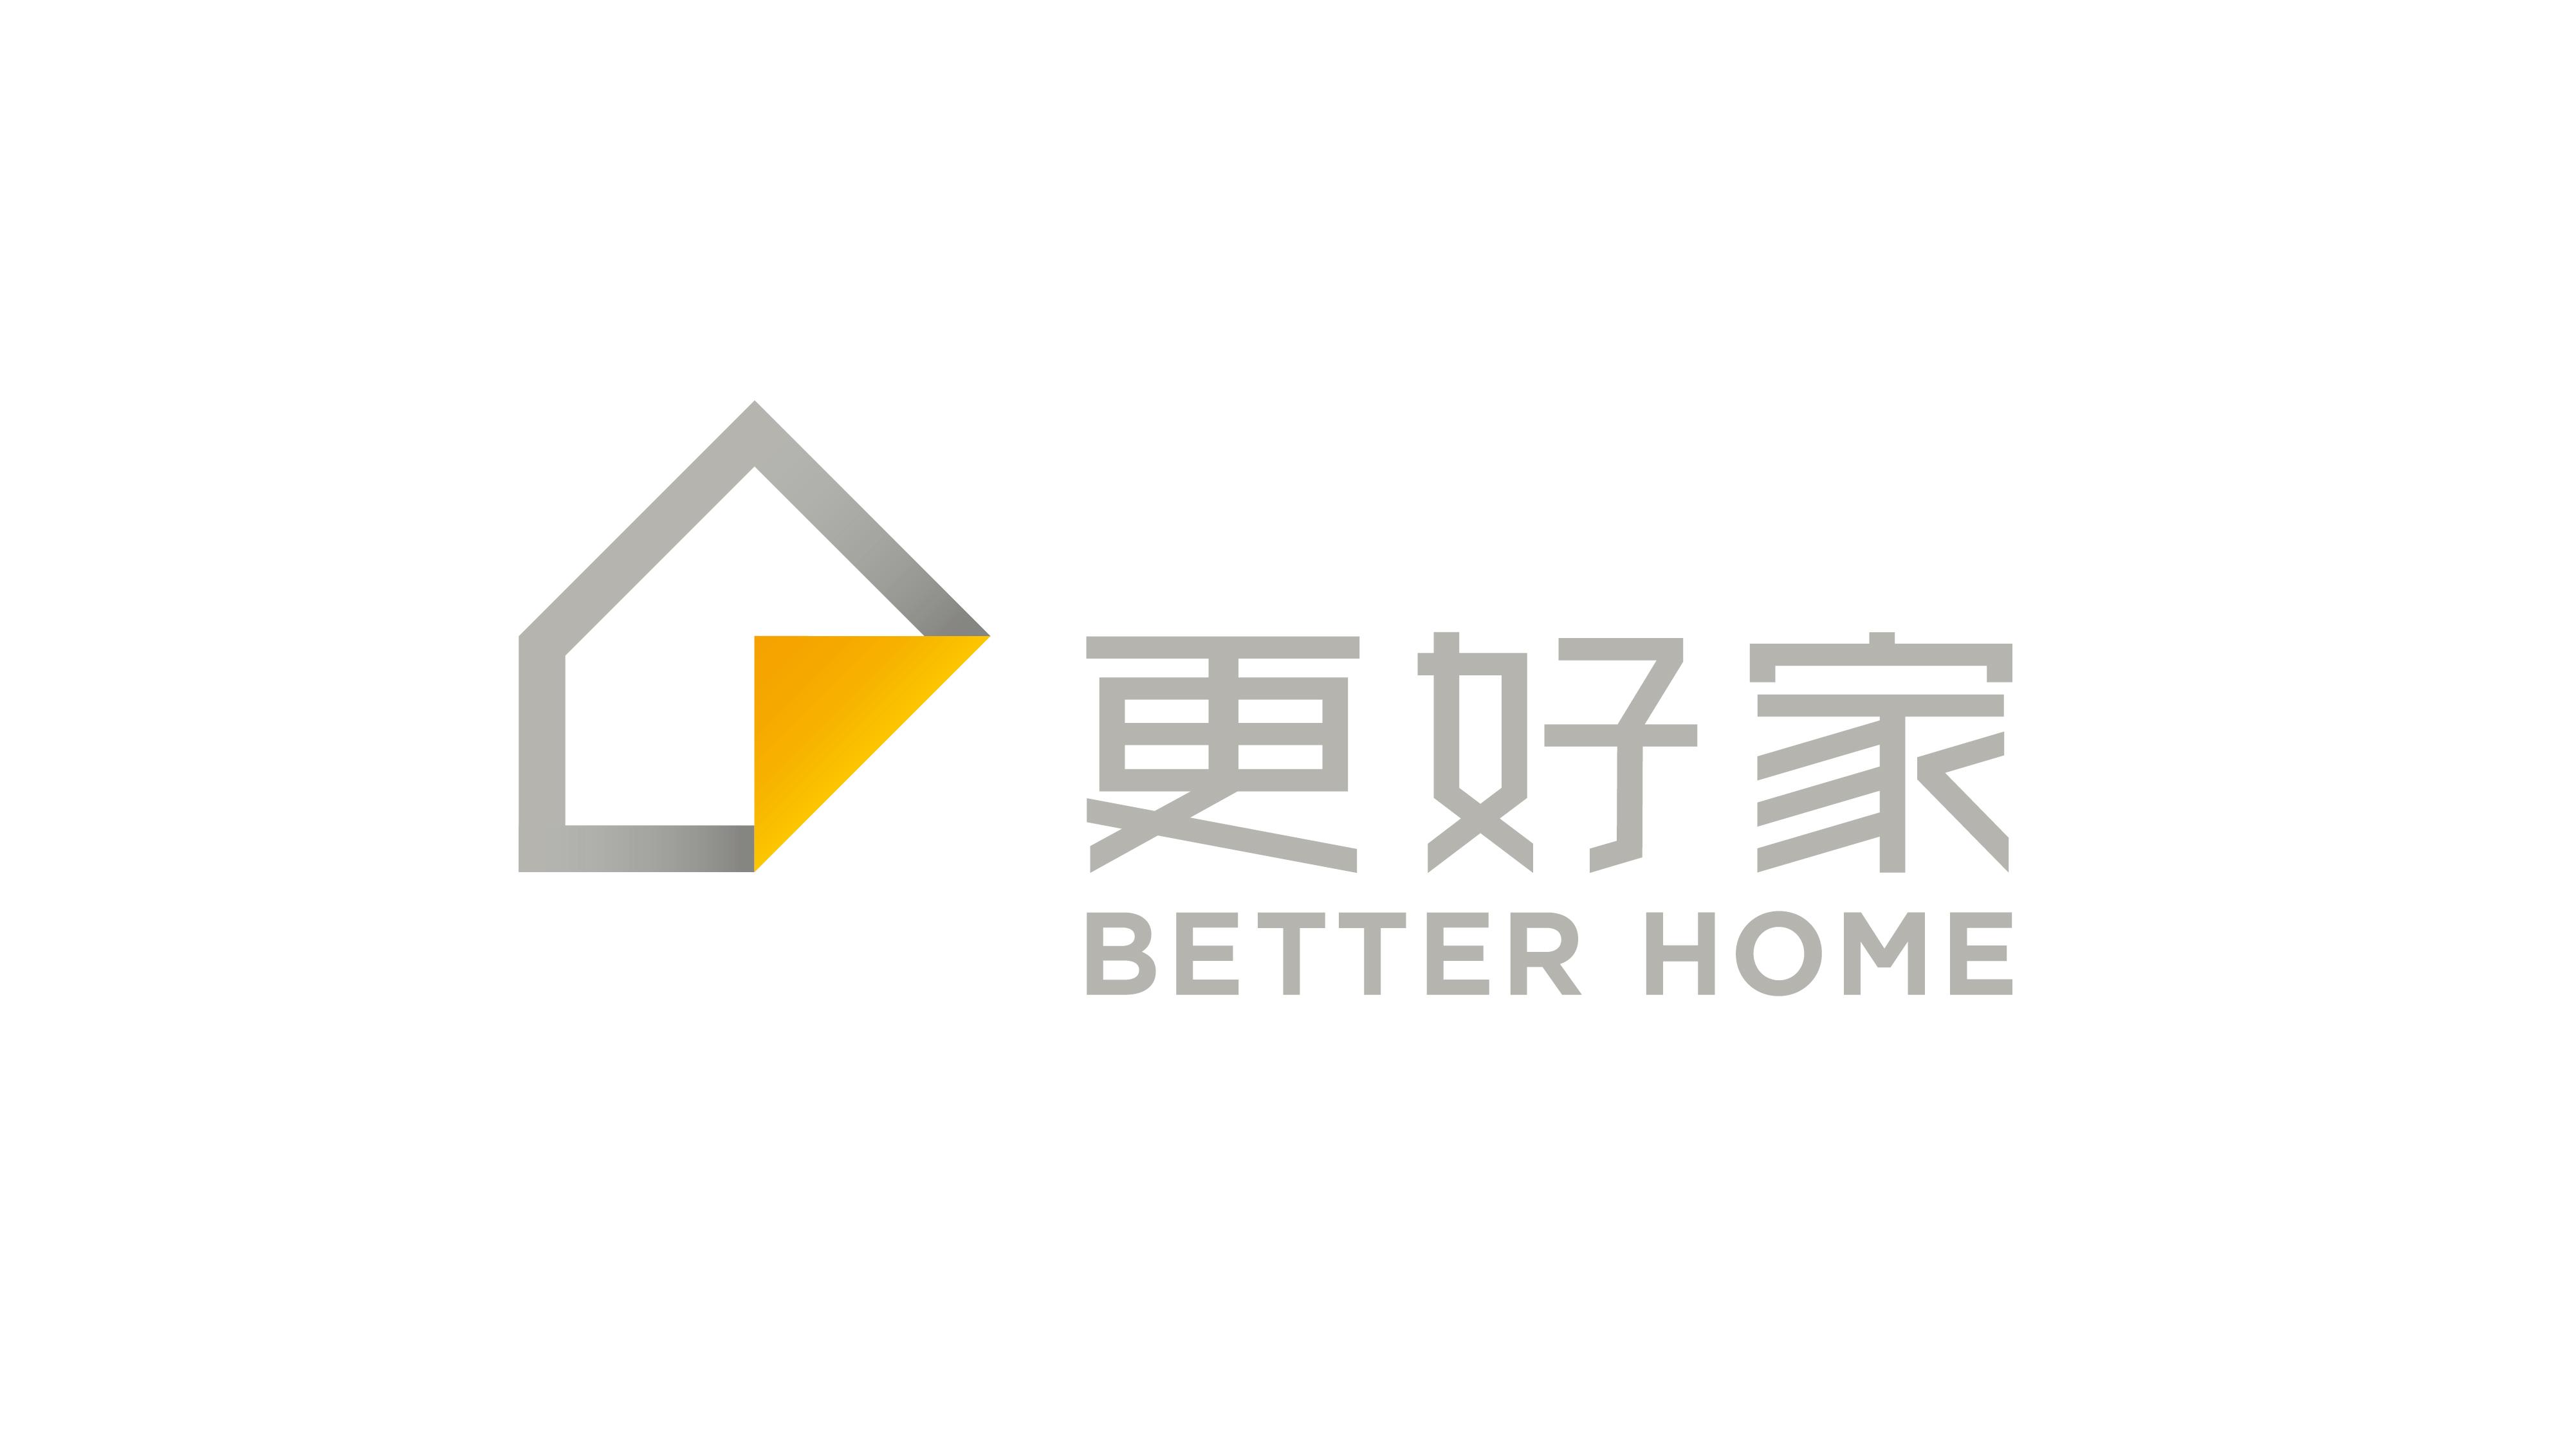 平米的房屋装修大概报价是多少?